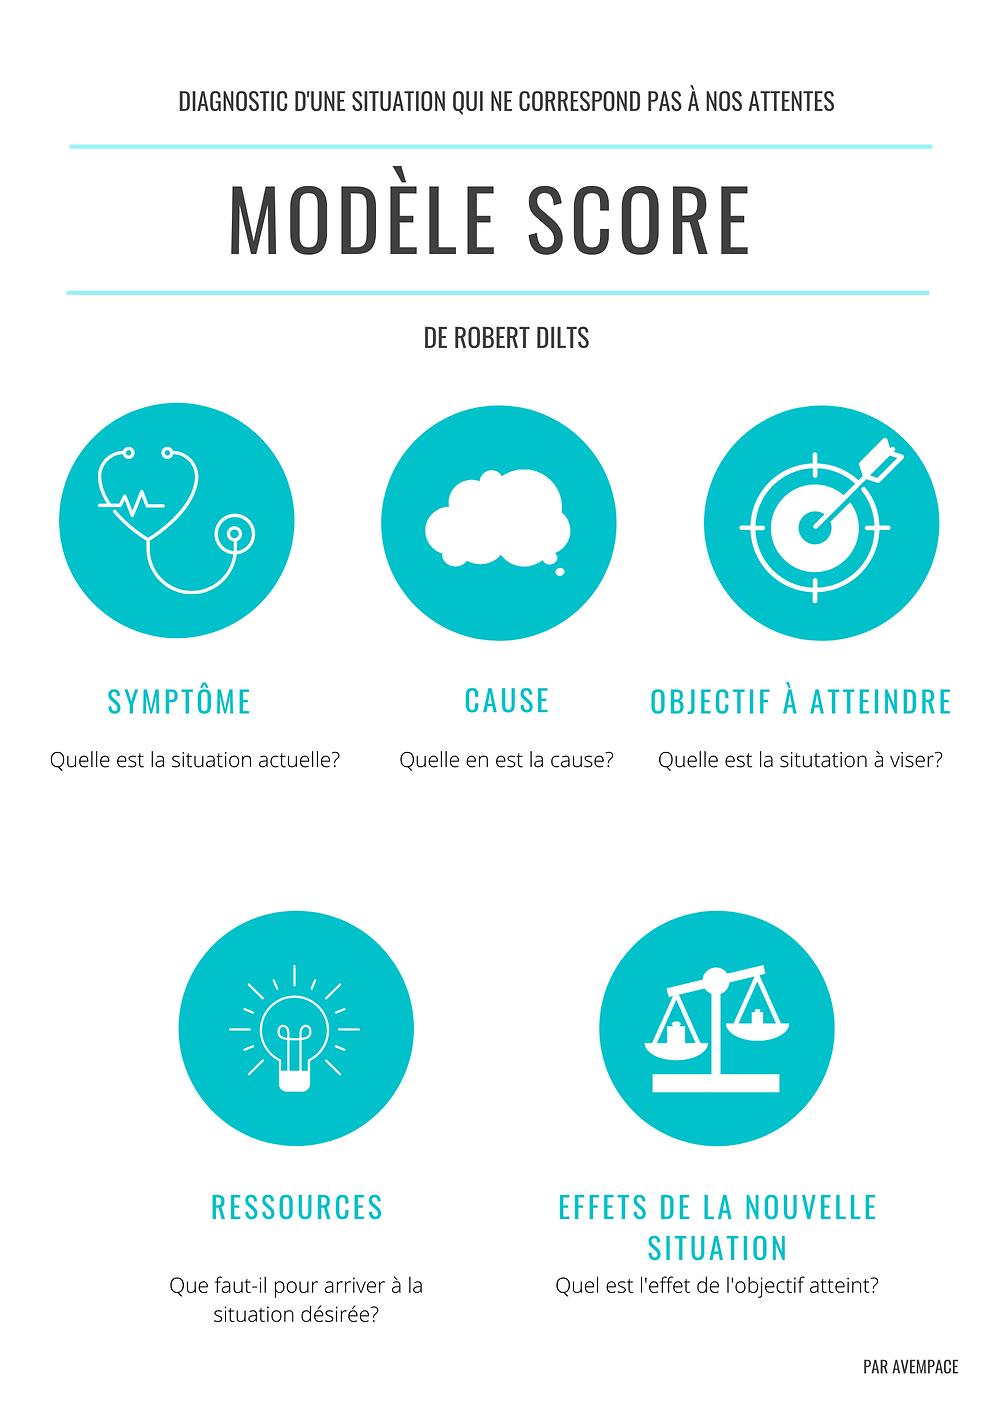 Comment surmonter le stress des examens : le modèle SCORE peut t'aider à comprendre la course de ton échec et à relativiser ce dernier